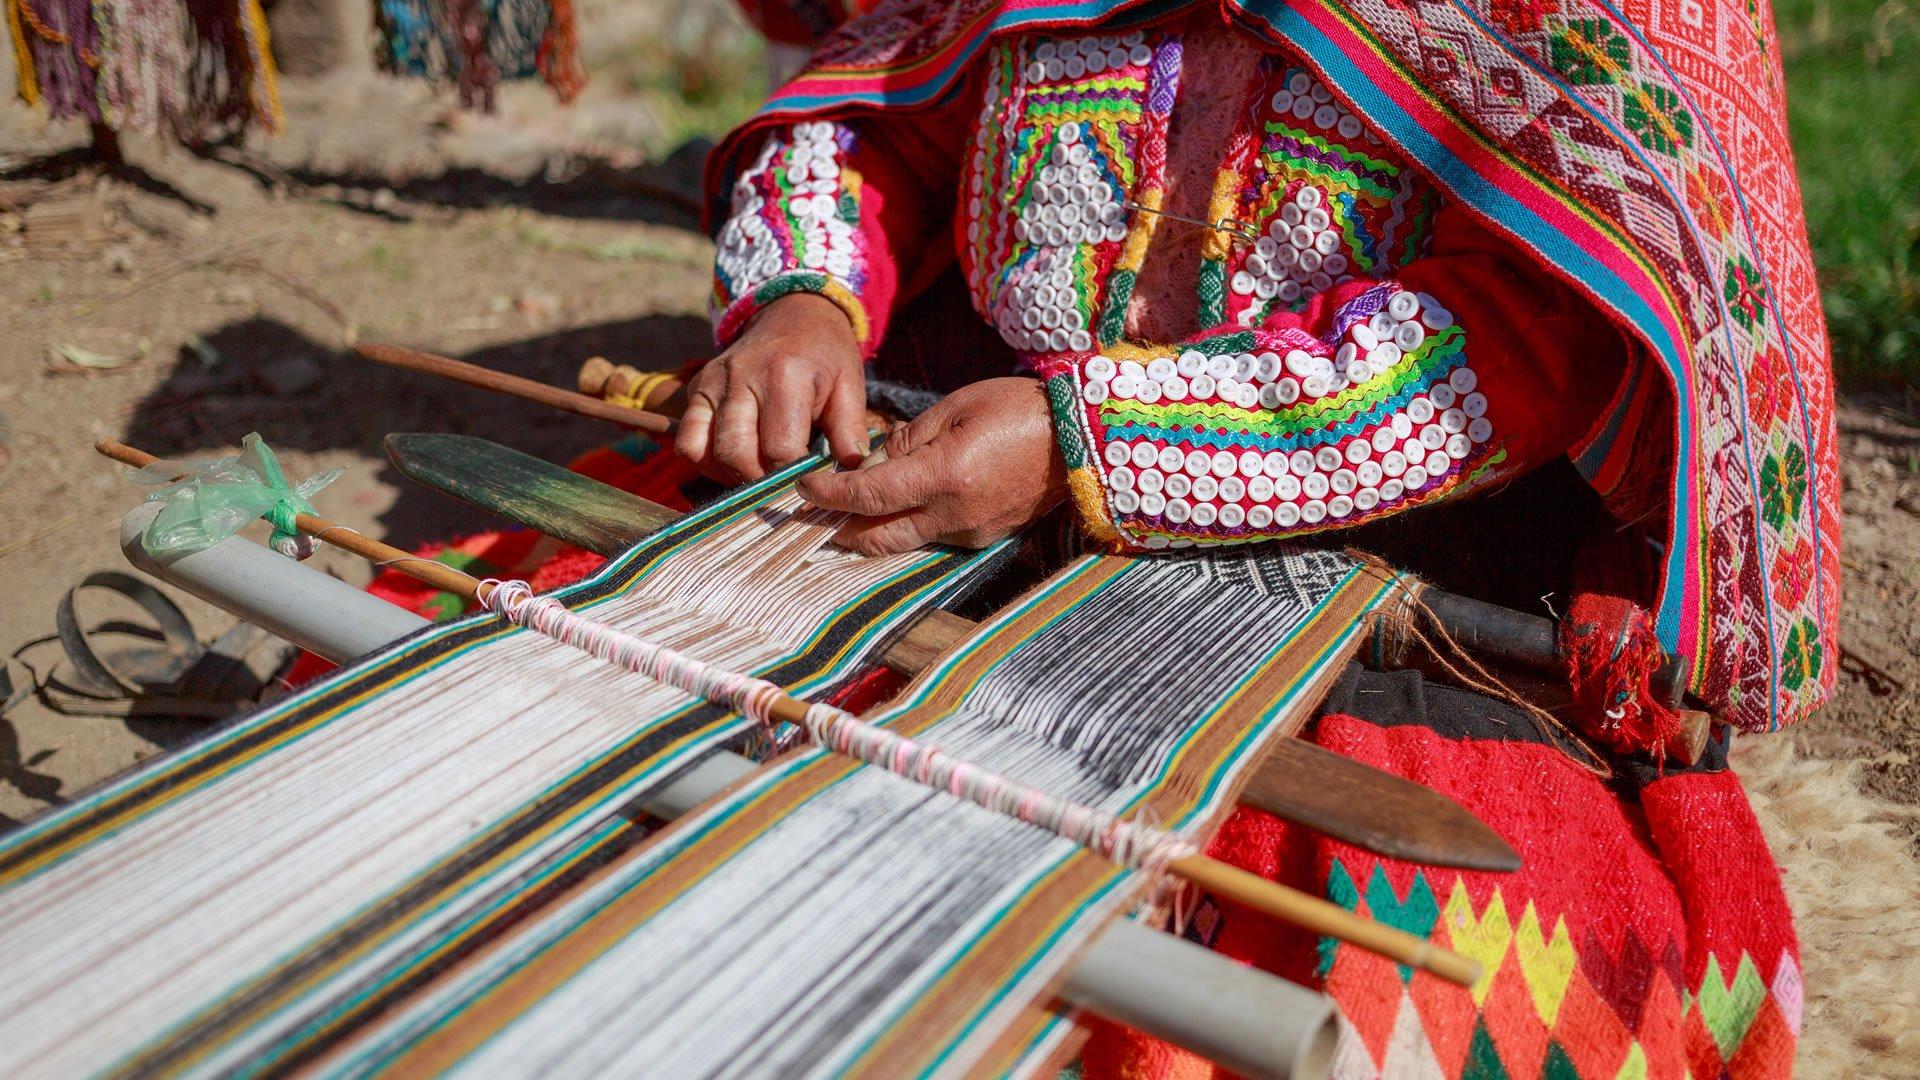 Traje típico de la región andina